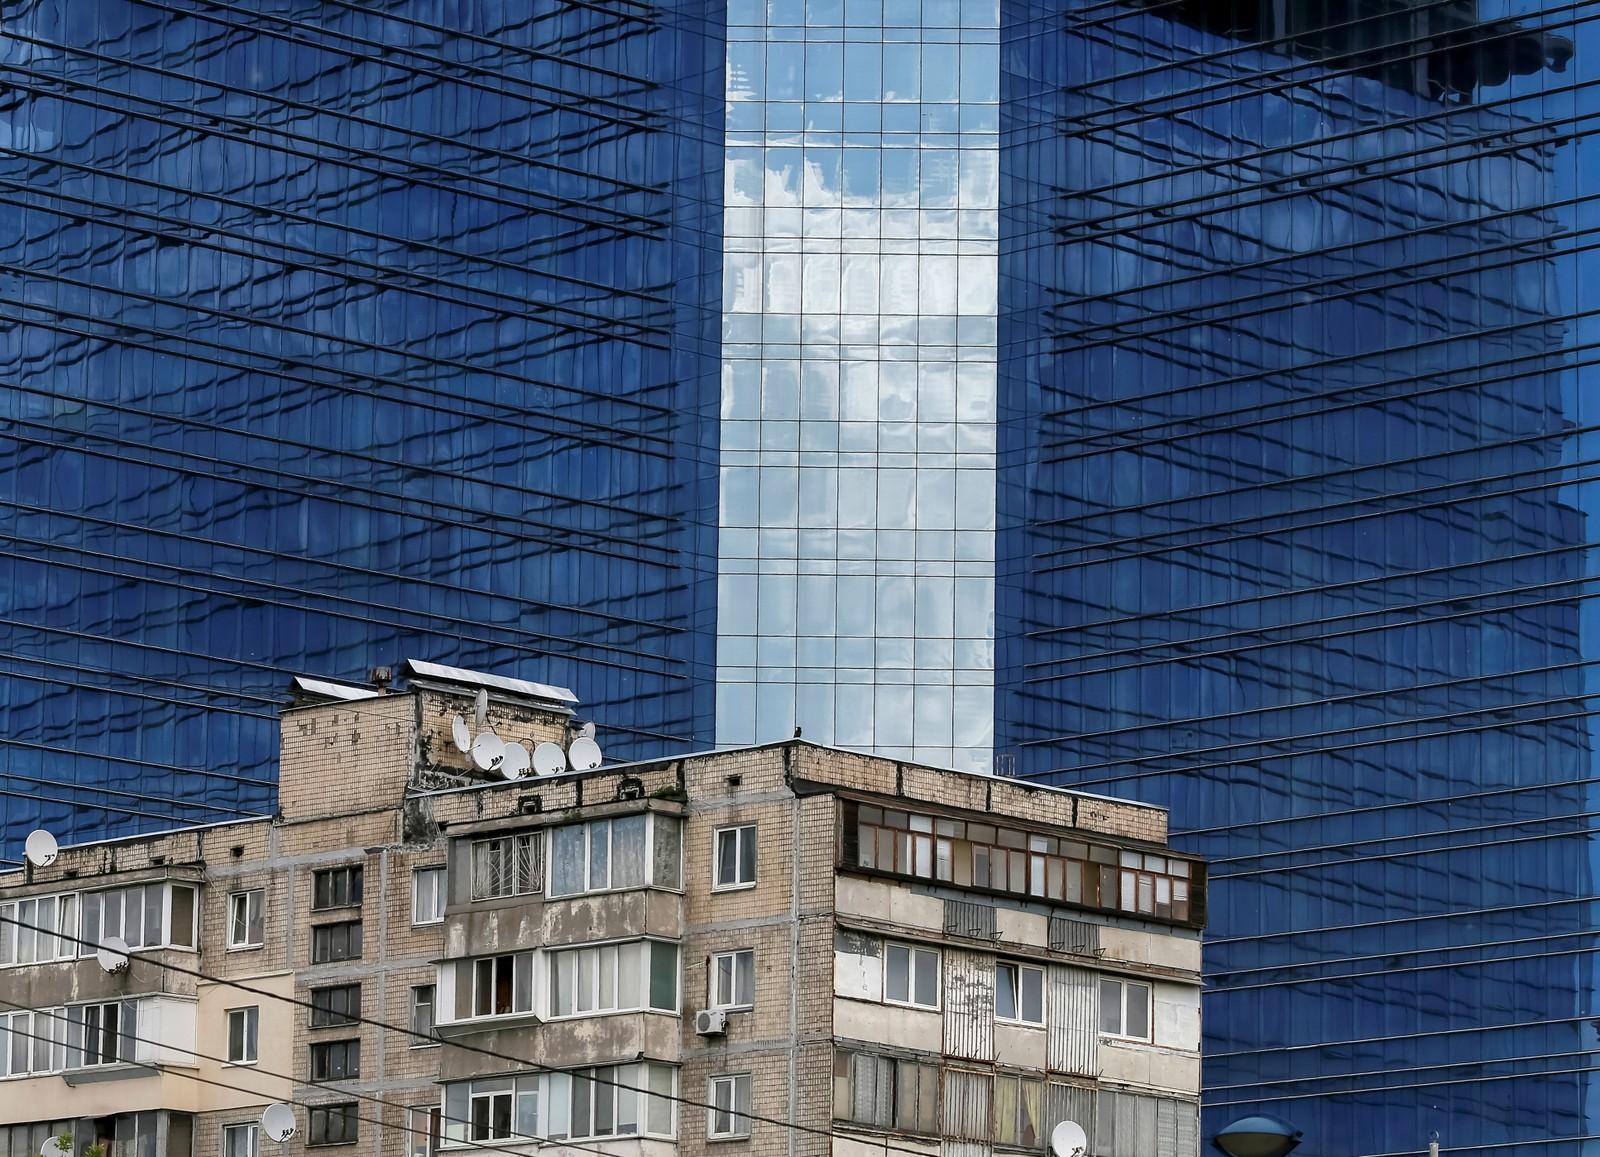 Gammelt og nytt i Kiev i Ukraina. En gammel leilighetsbygning og et handelssenter som er i ferd med å bygges ferdig.